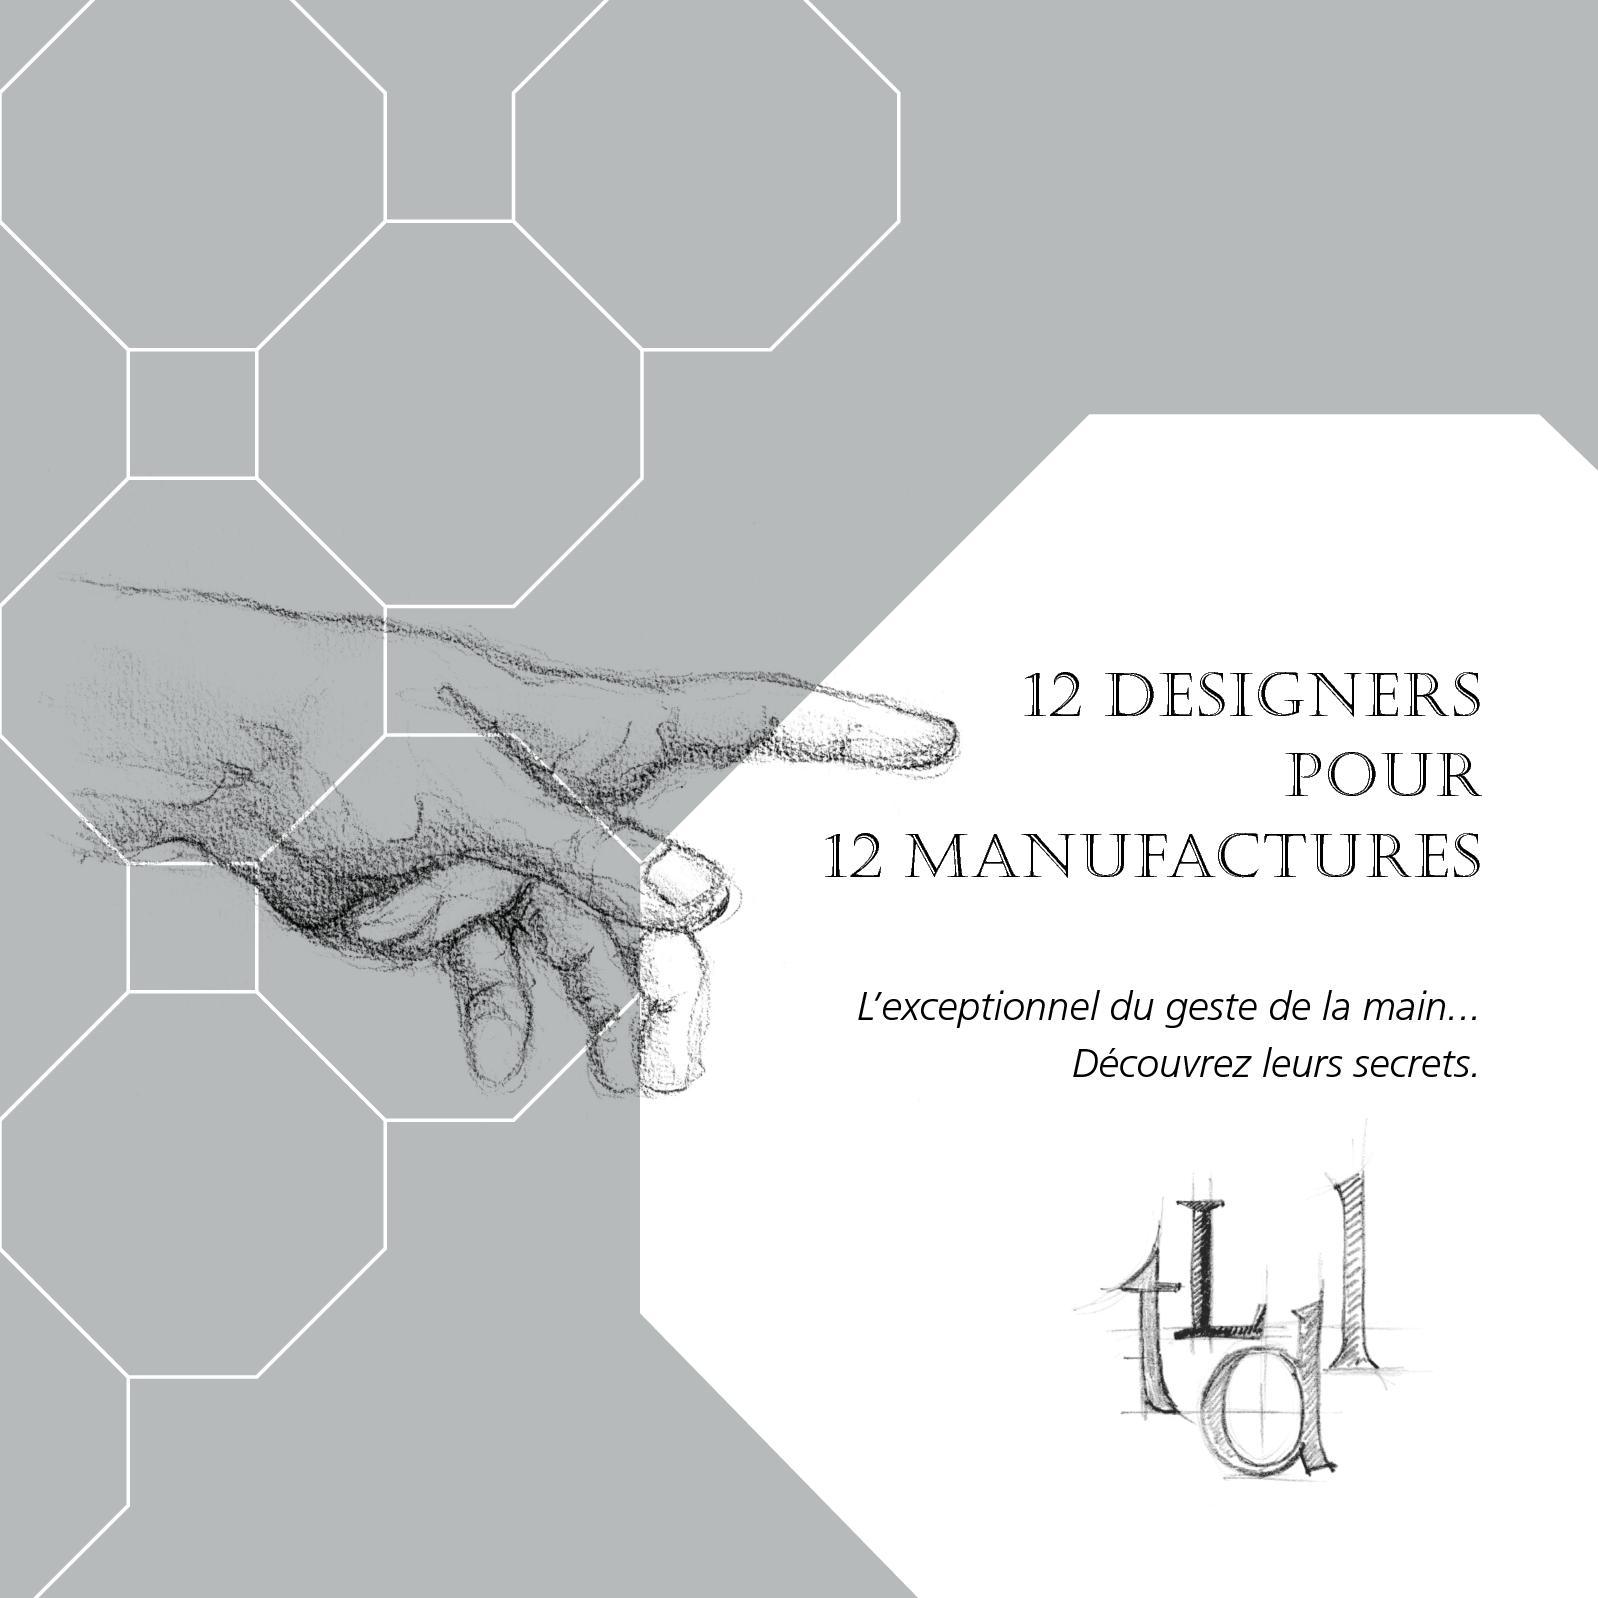 Calaméo - Plab Grand Est 12 designers pour 12 manufactures 18fc9c33e1f